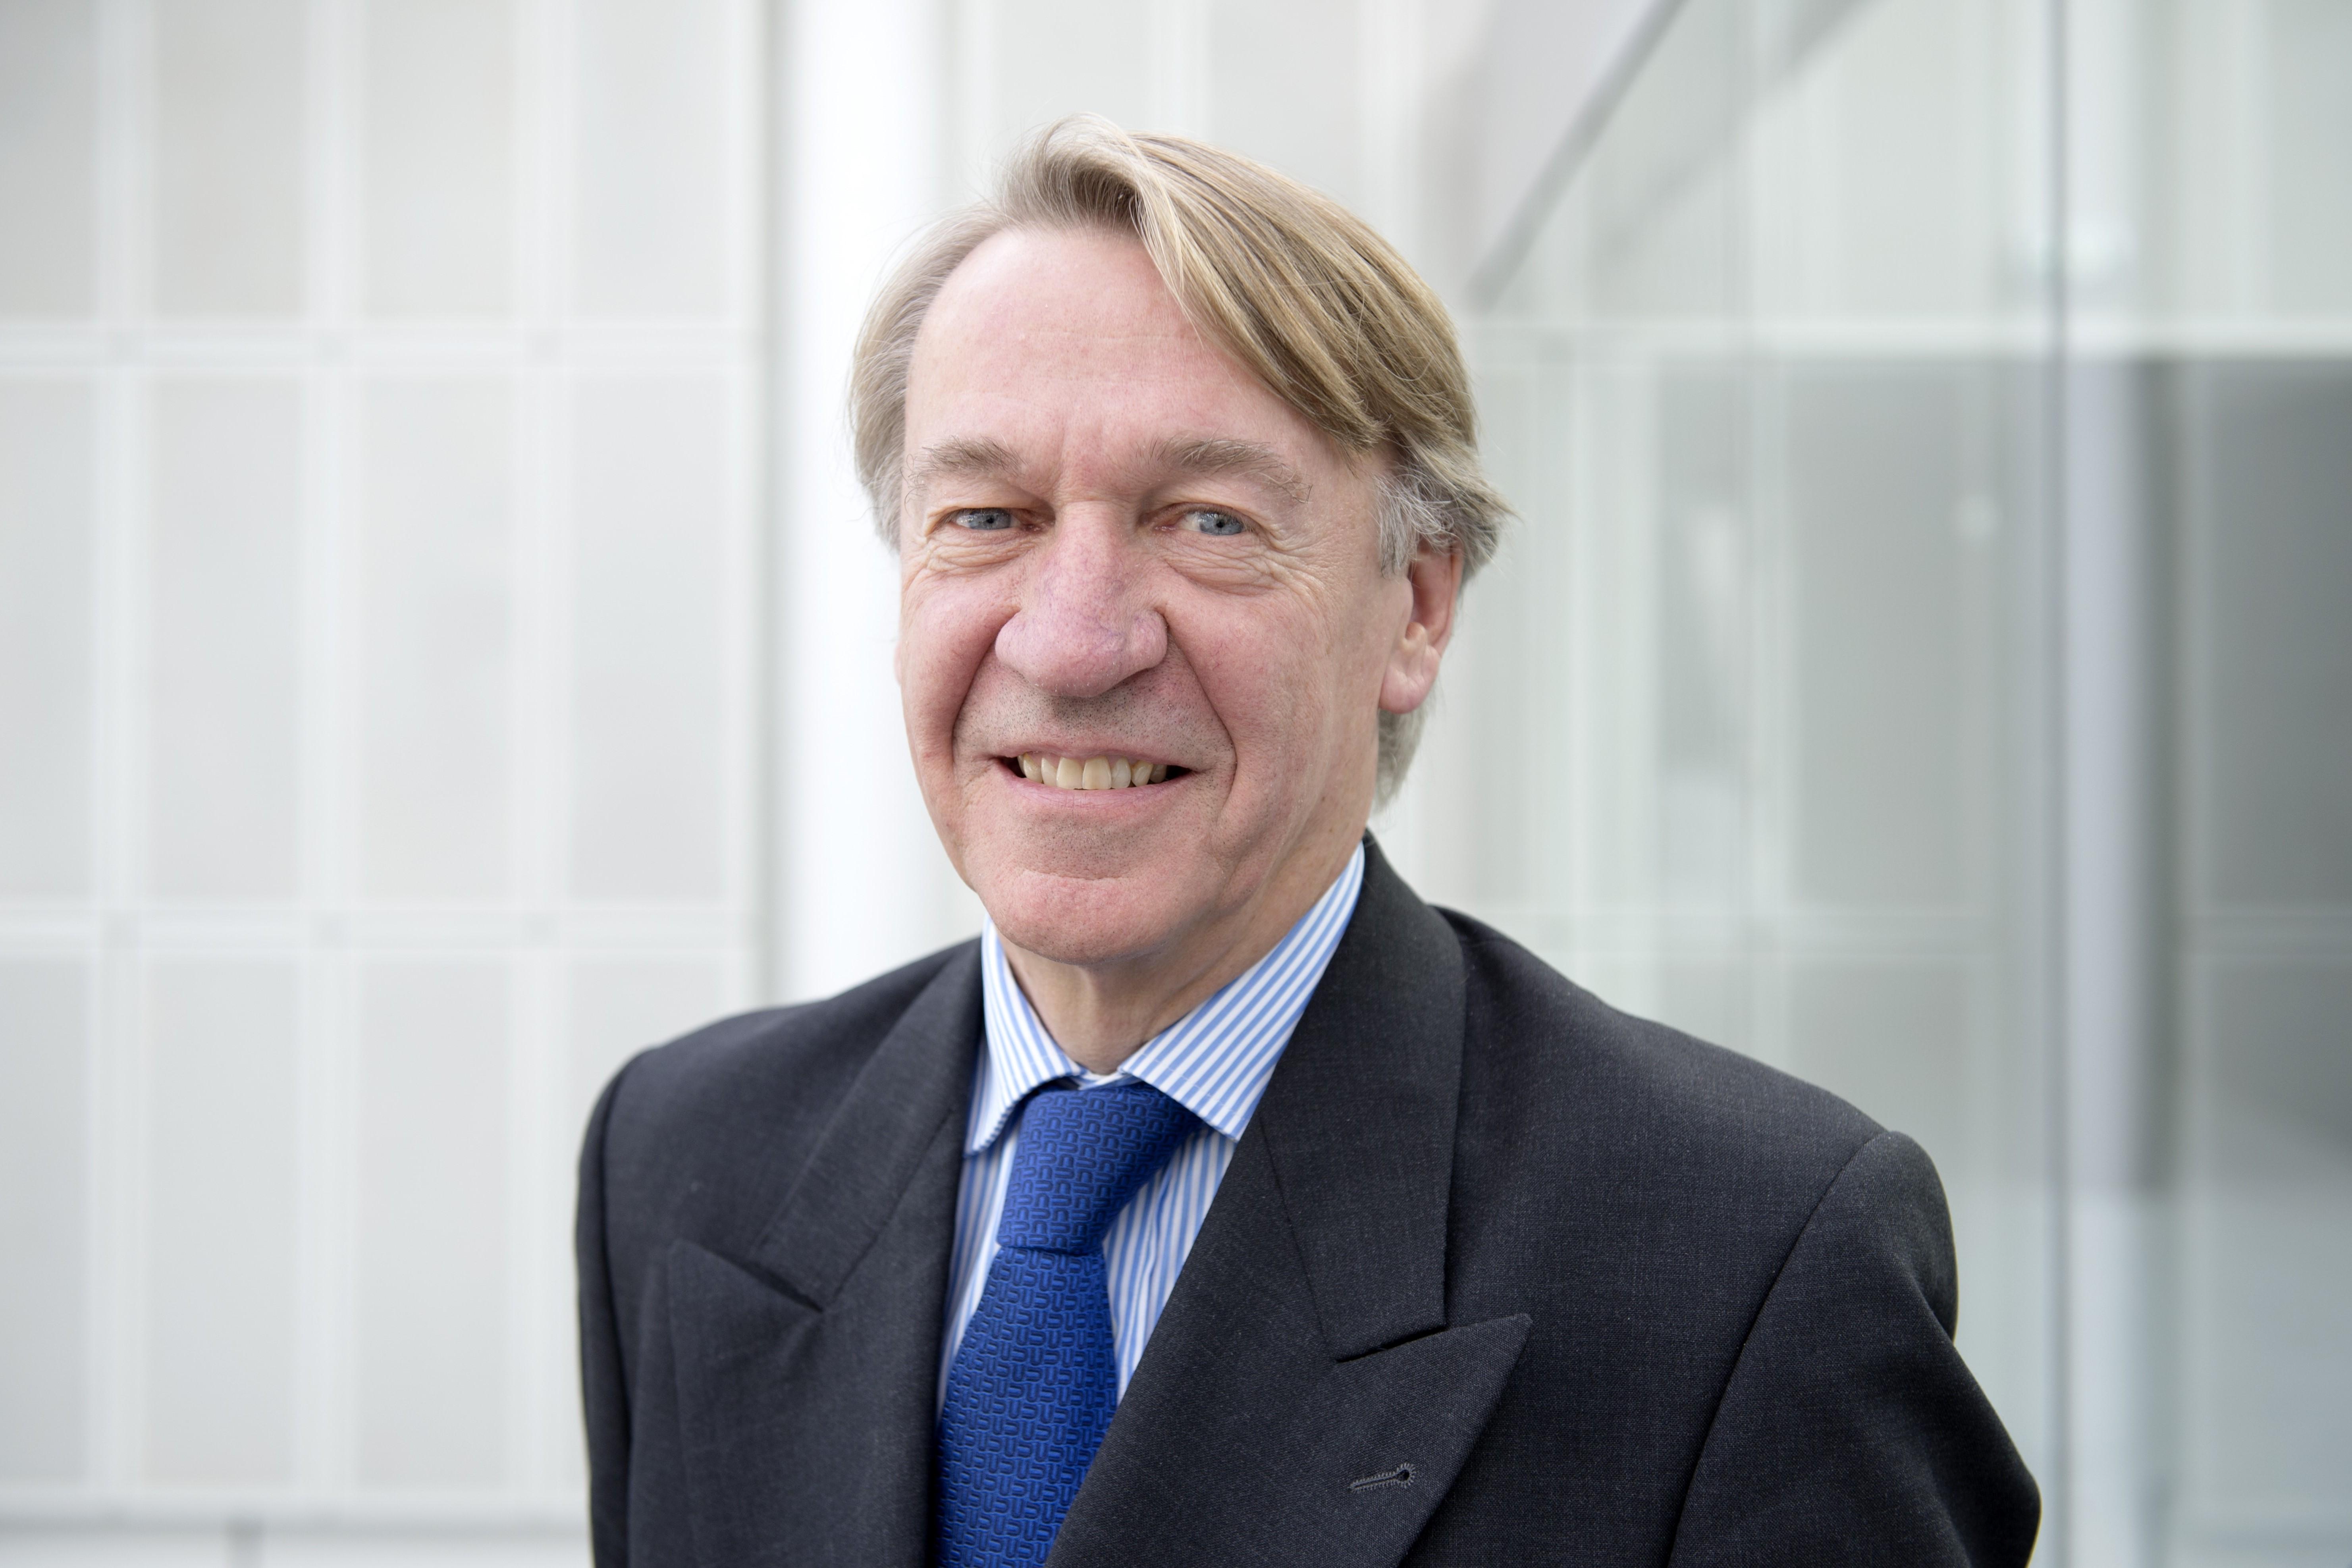 Nederlands sirkulære snuoperasjon: − Vi må alle finne opp hjulet!